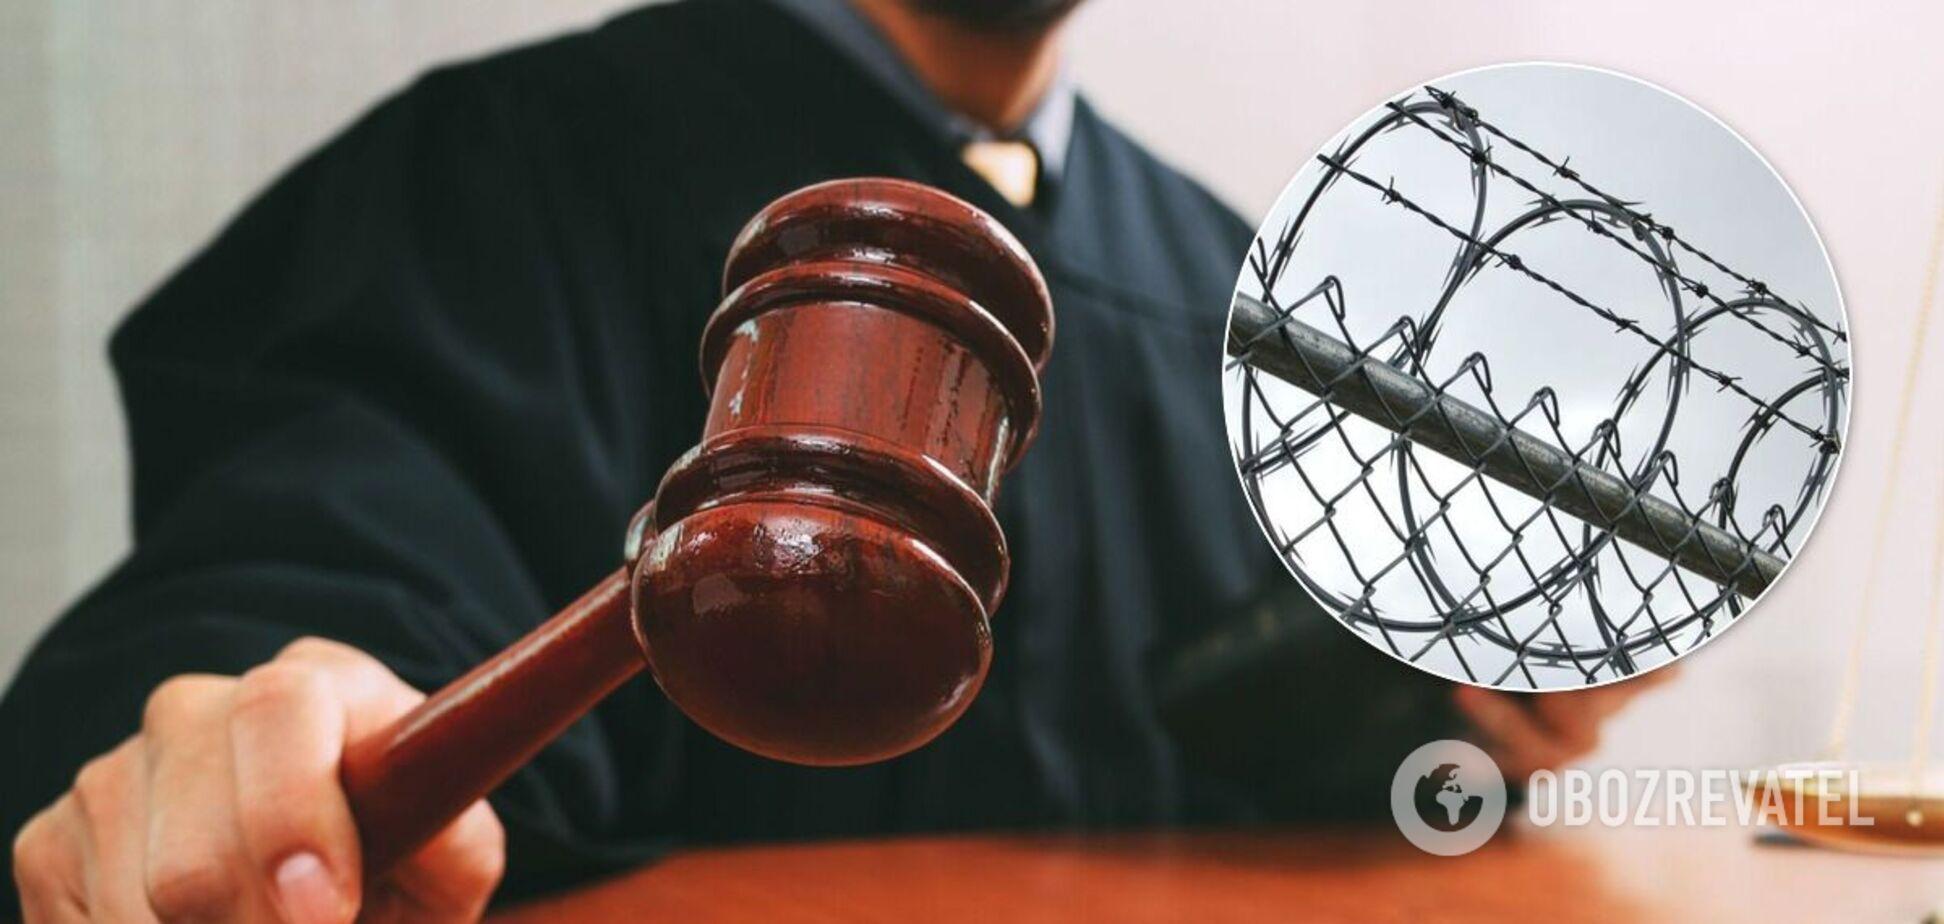 В Кривом Роге суд вынес приговор мужчине, который убил и расчленил сожительницу